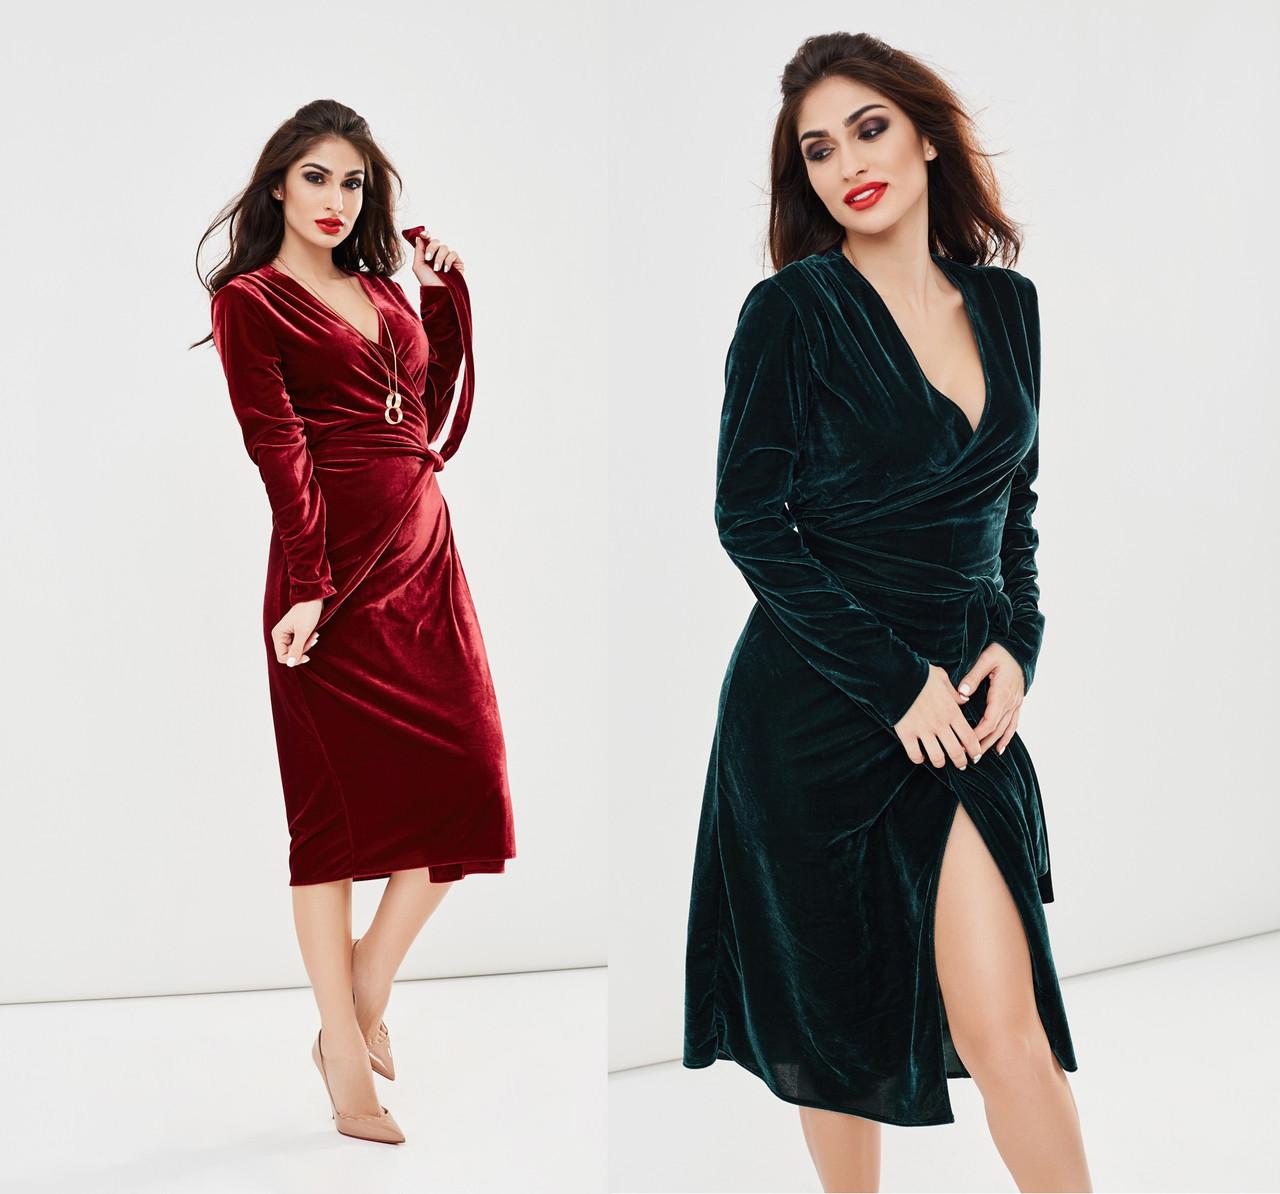 105edf837f8 Женское бархатное платье на запах размеры 42-54 -